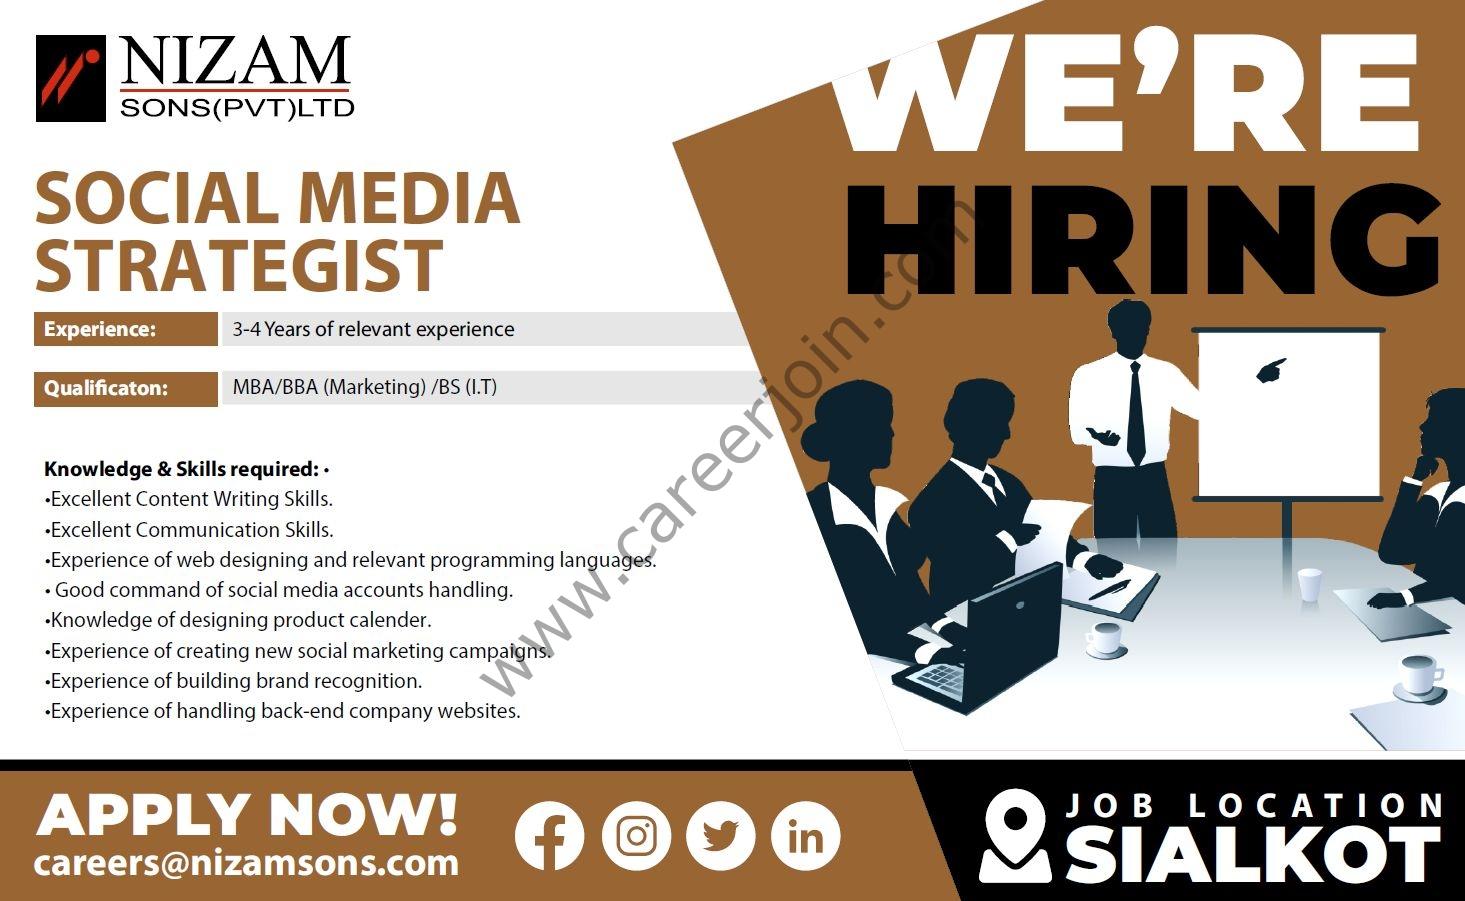 Nizam Sons Pvt Ltd Jobs October 2021